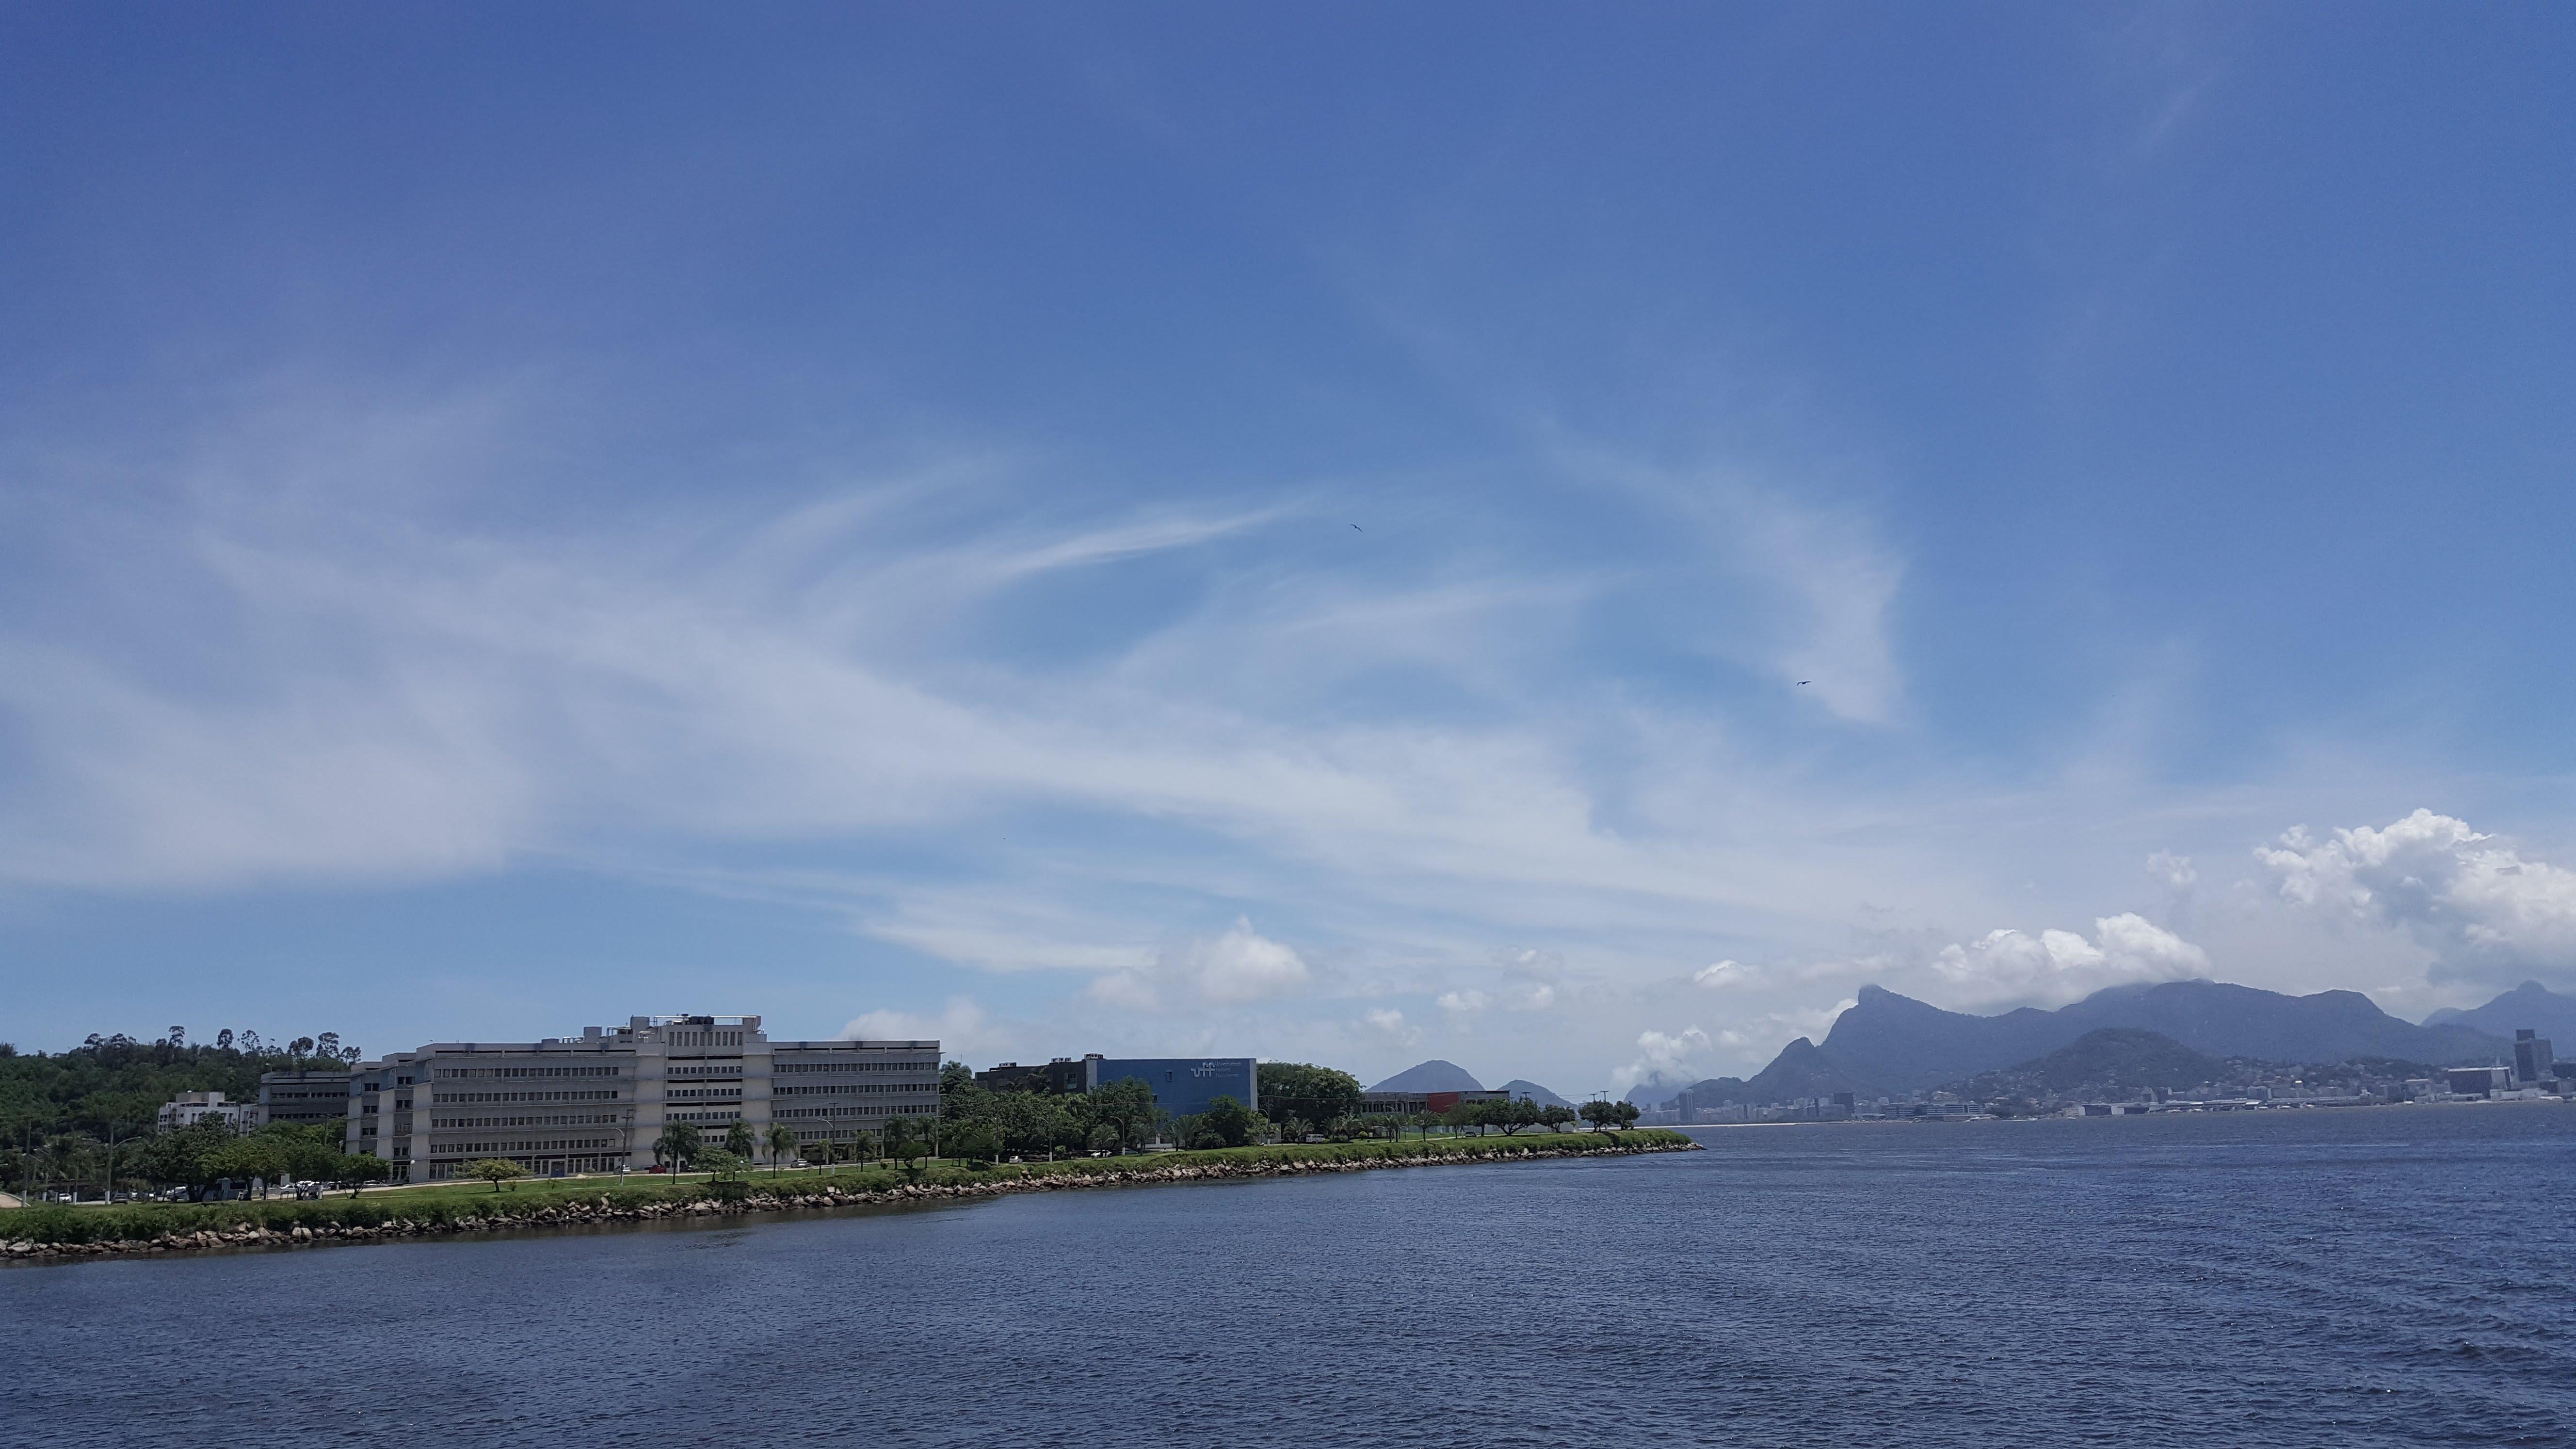 Instituto de Matemática e a bahia de Guanabara